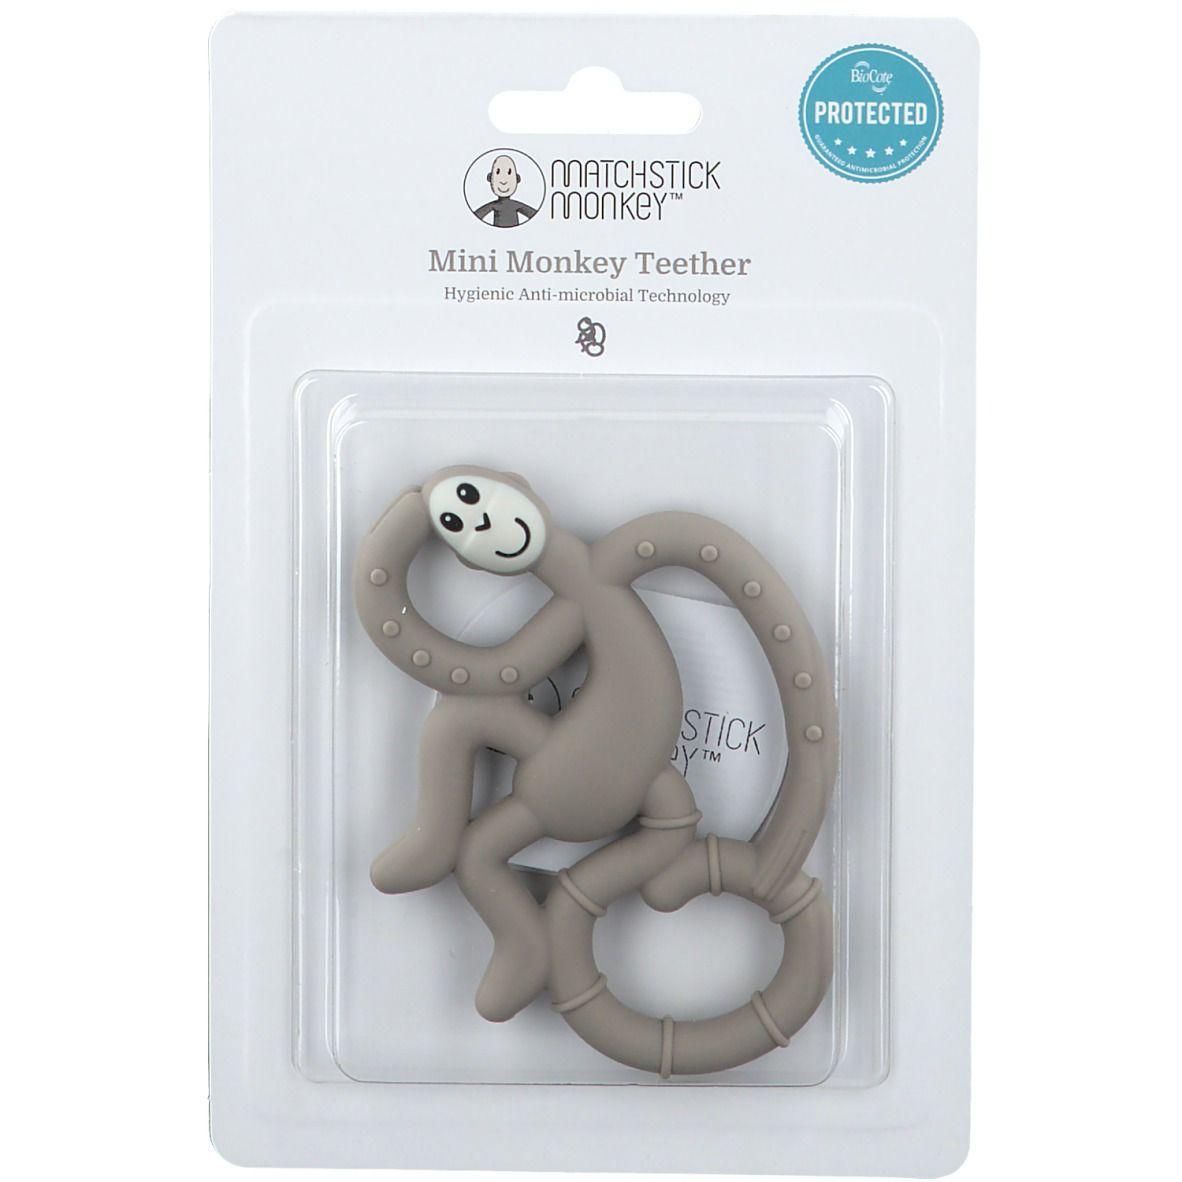 Avent Matchstick Monkey Mini Jouet de dentition Gris pc(s) anneau(x) de dentition